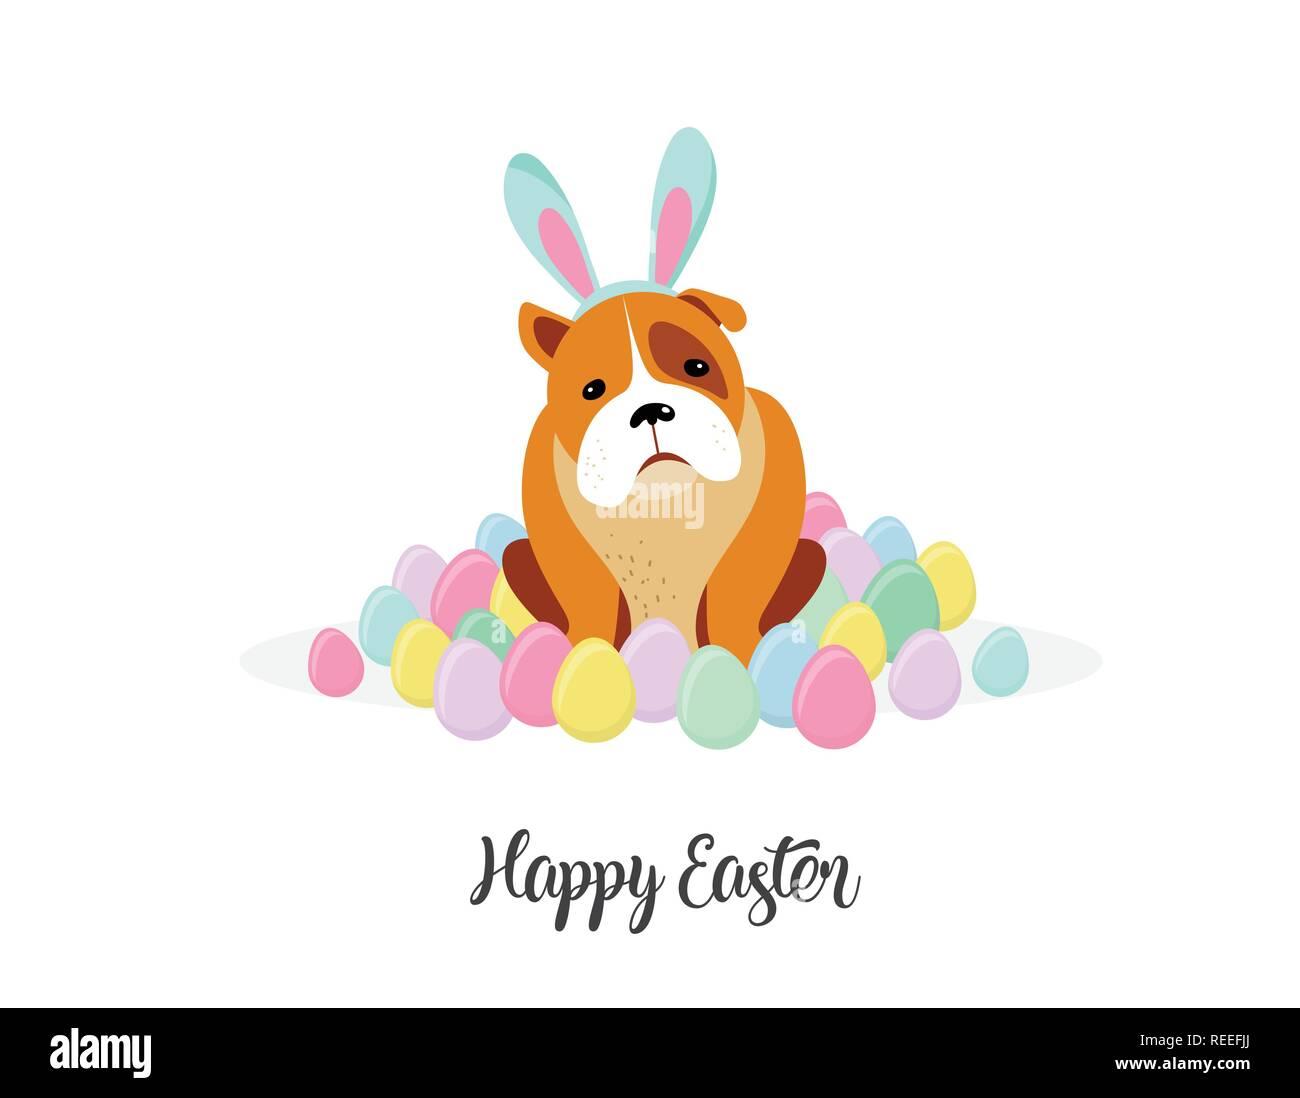 Frohe Ostern Karte.Frohe Ostern Karte Hund Hase Kostum Von Ostereier Umgeben